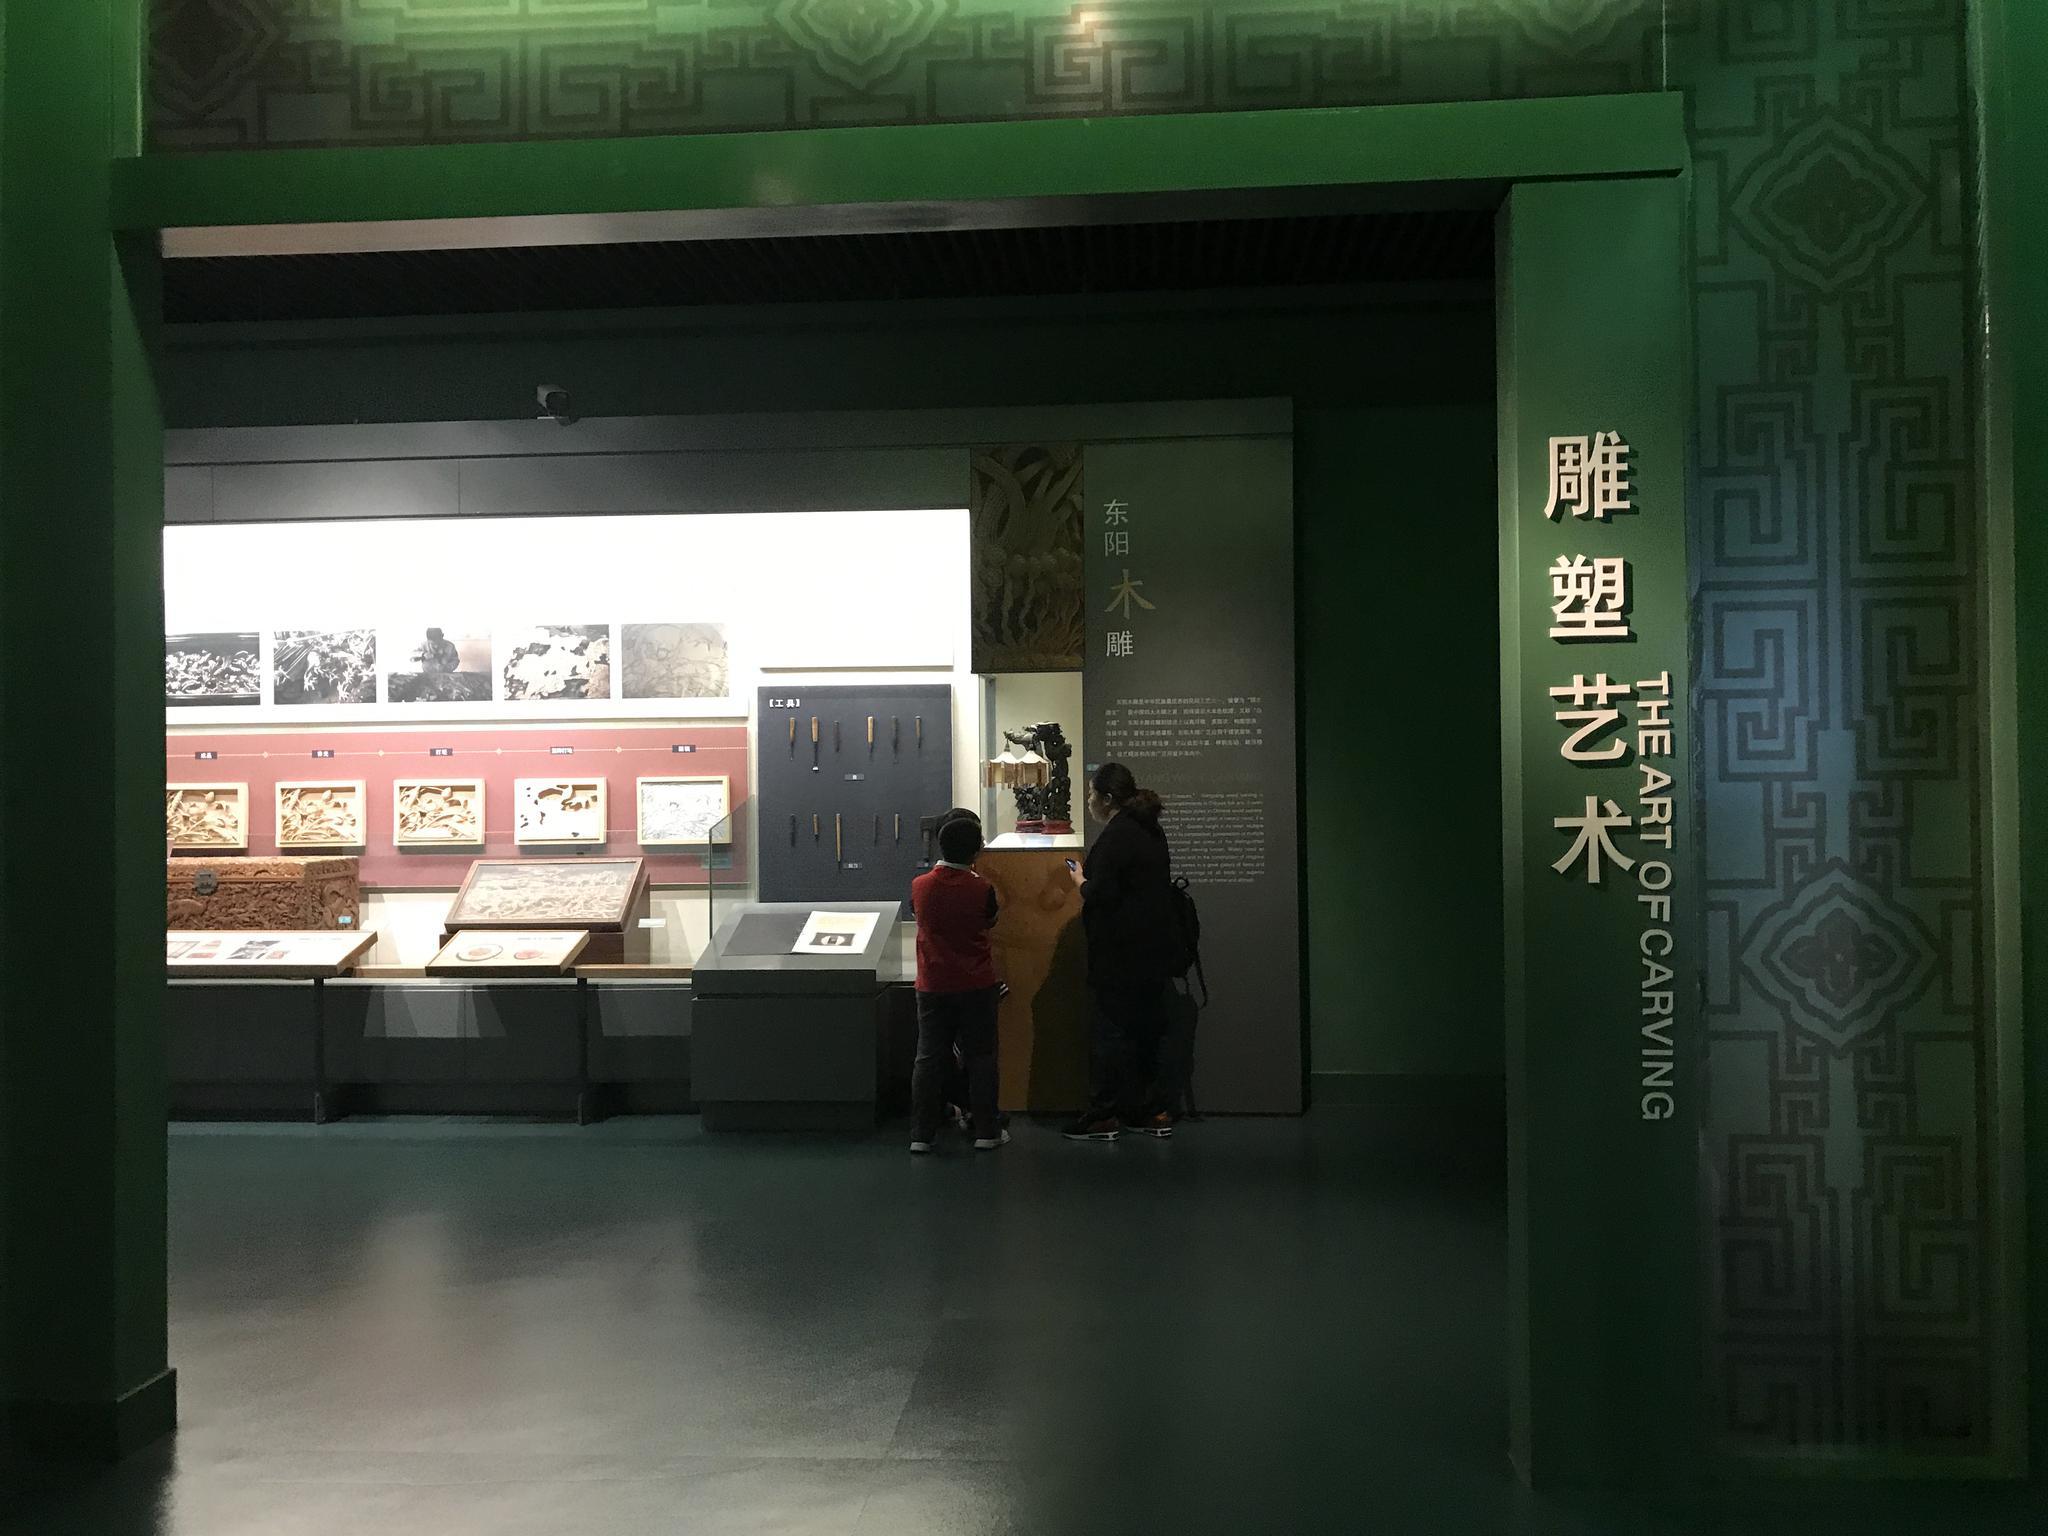 《意匠生辉——浙江民间造型艺术》浙江省博·武林馆 常展分为四大类